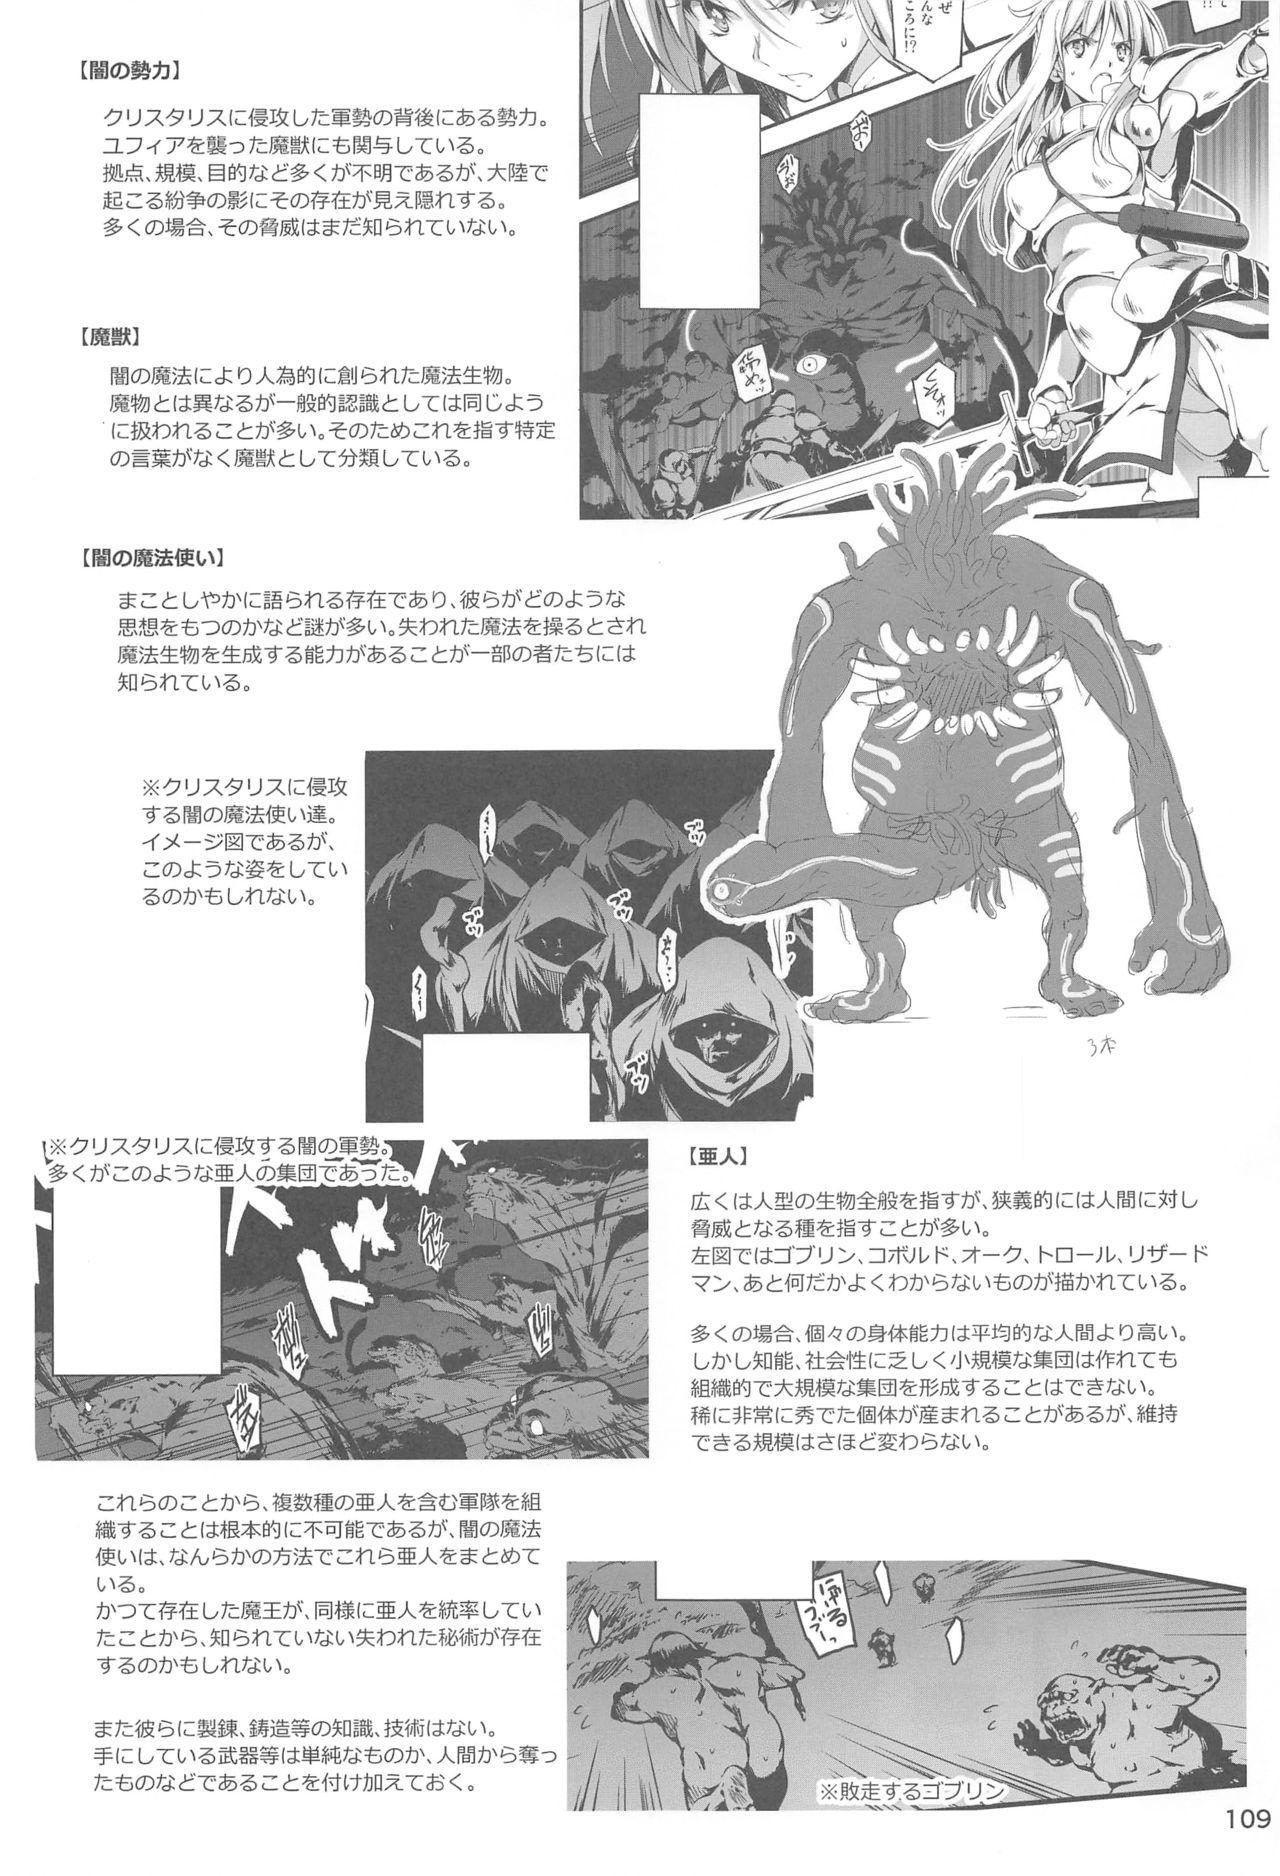 Ryman Fantasy Kuro no Ryman Soushuuhen 107